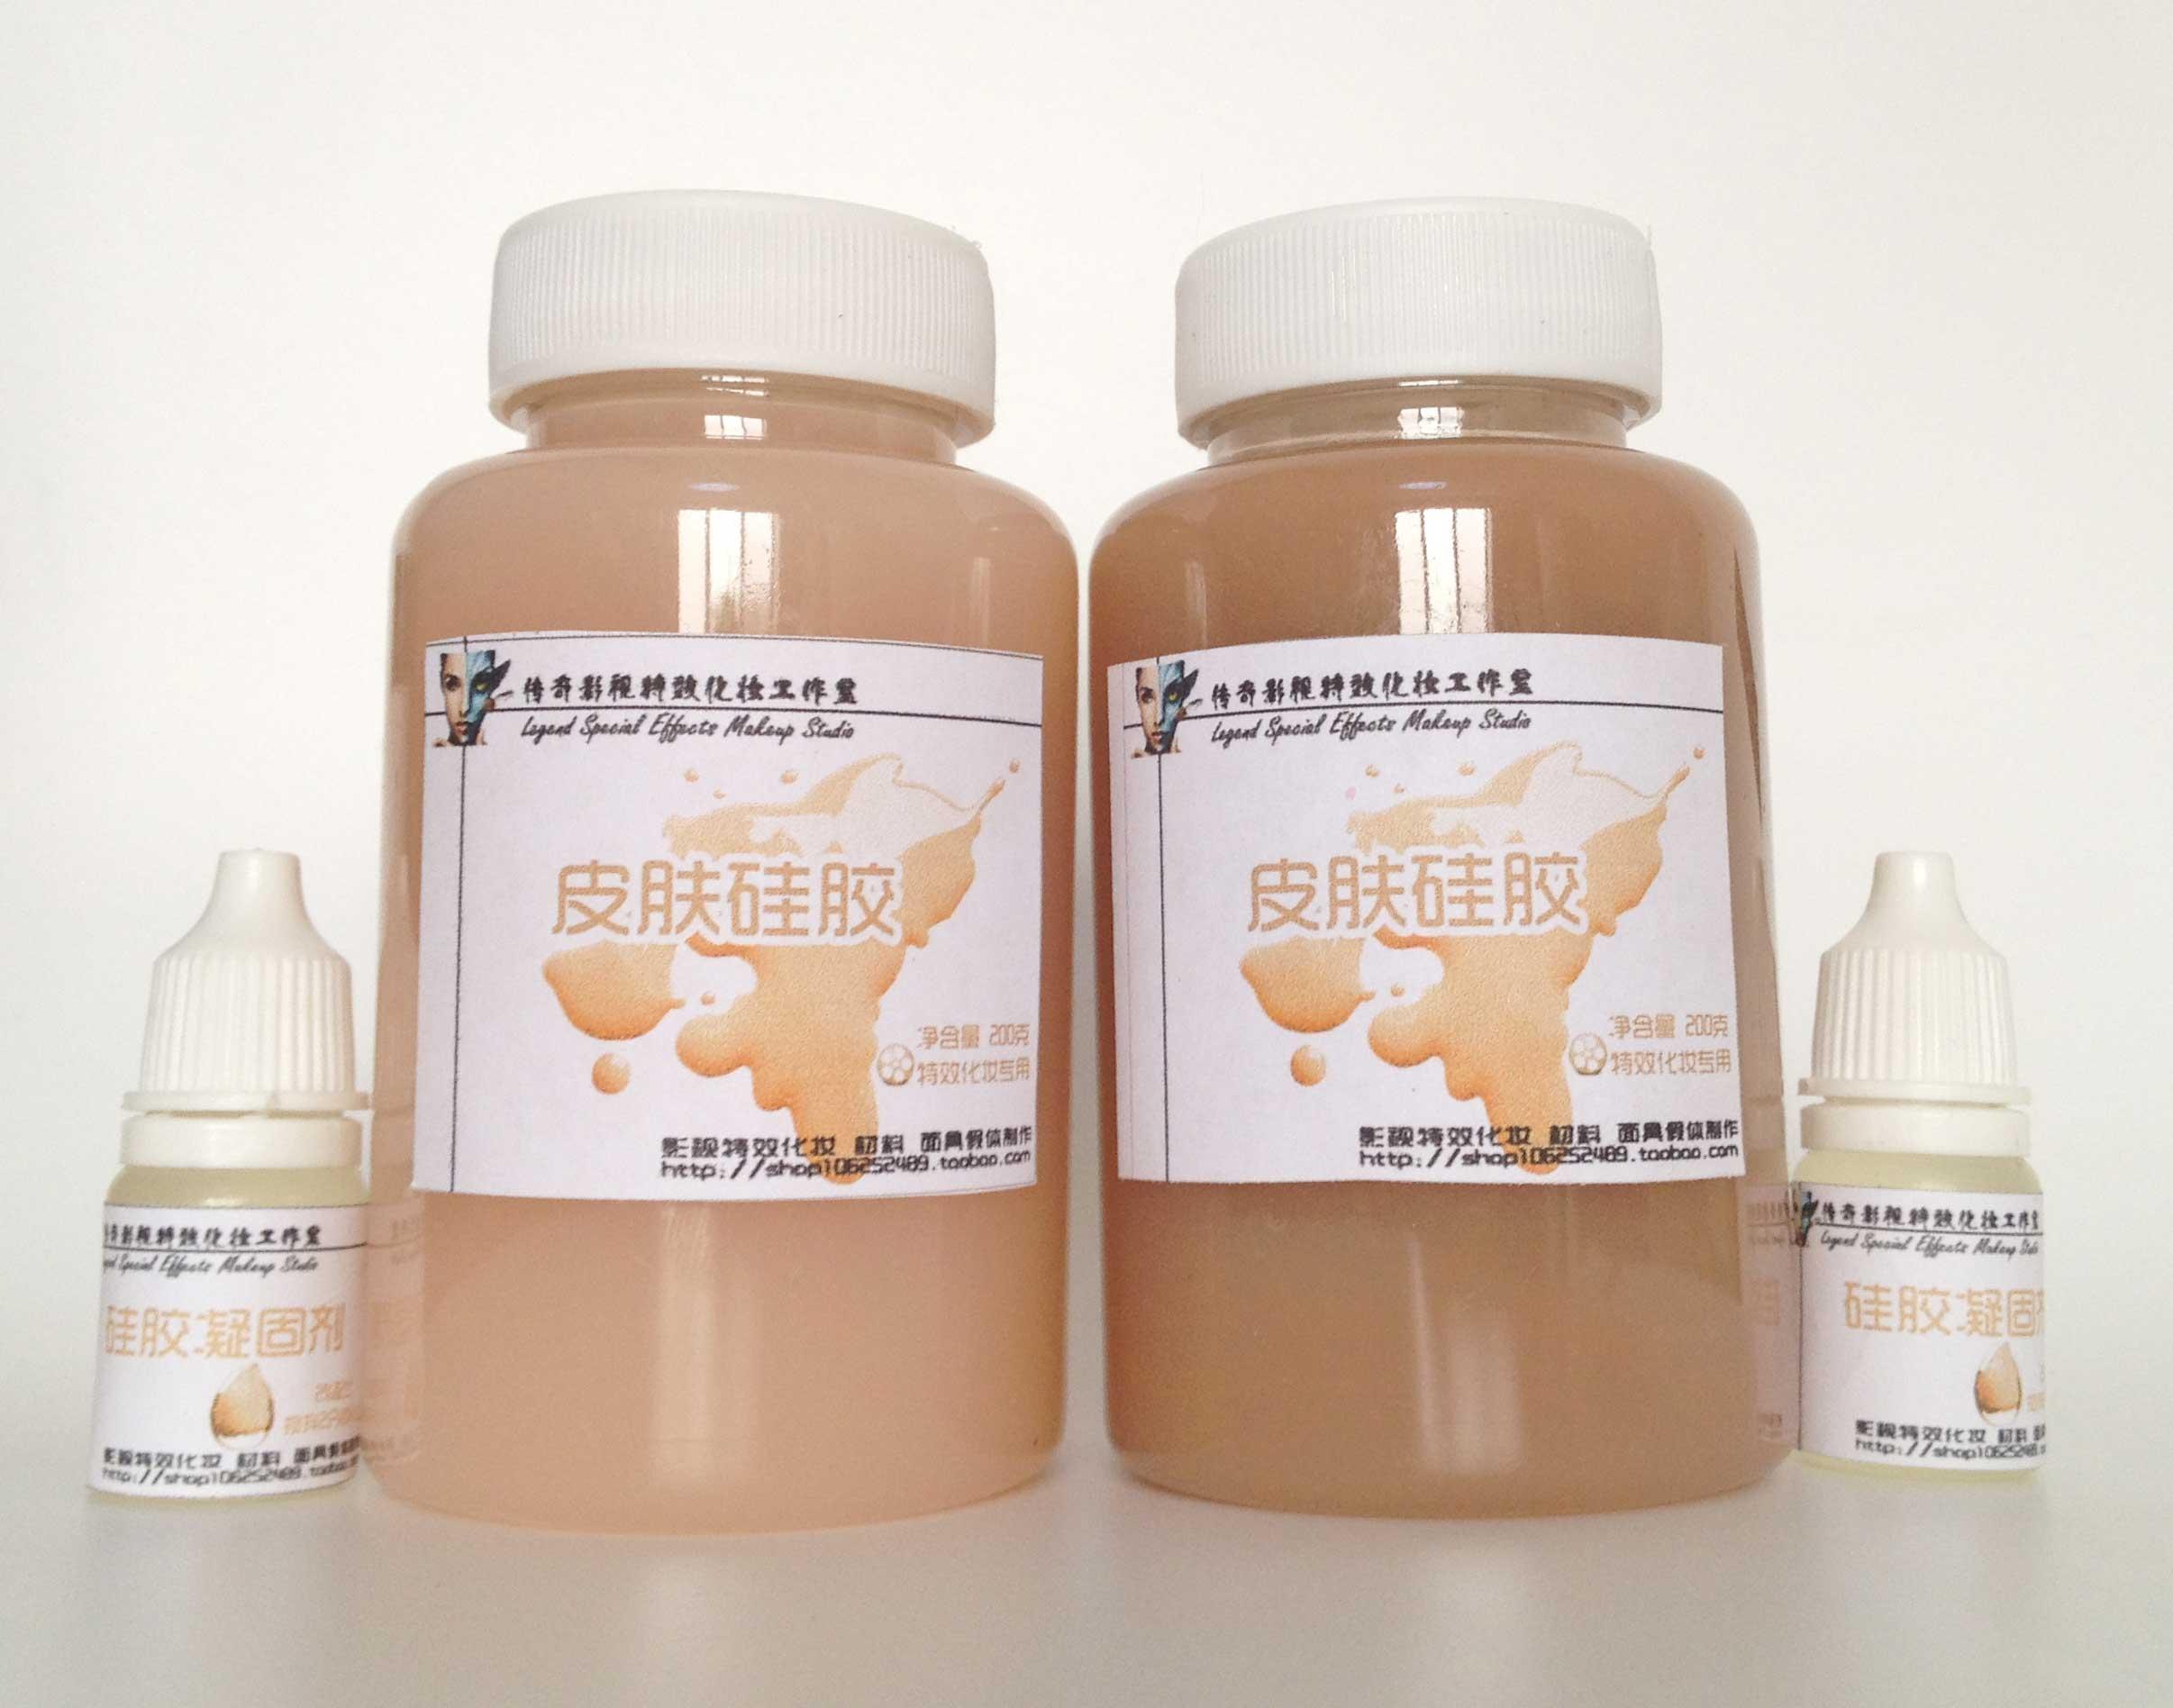 Специальные эффекты макияжа импортированных кожи силикона силикона кожи шрам силиконовый клей для покрытия кожи человеческого тела